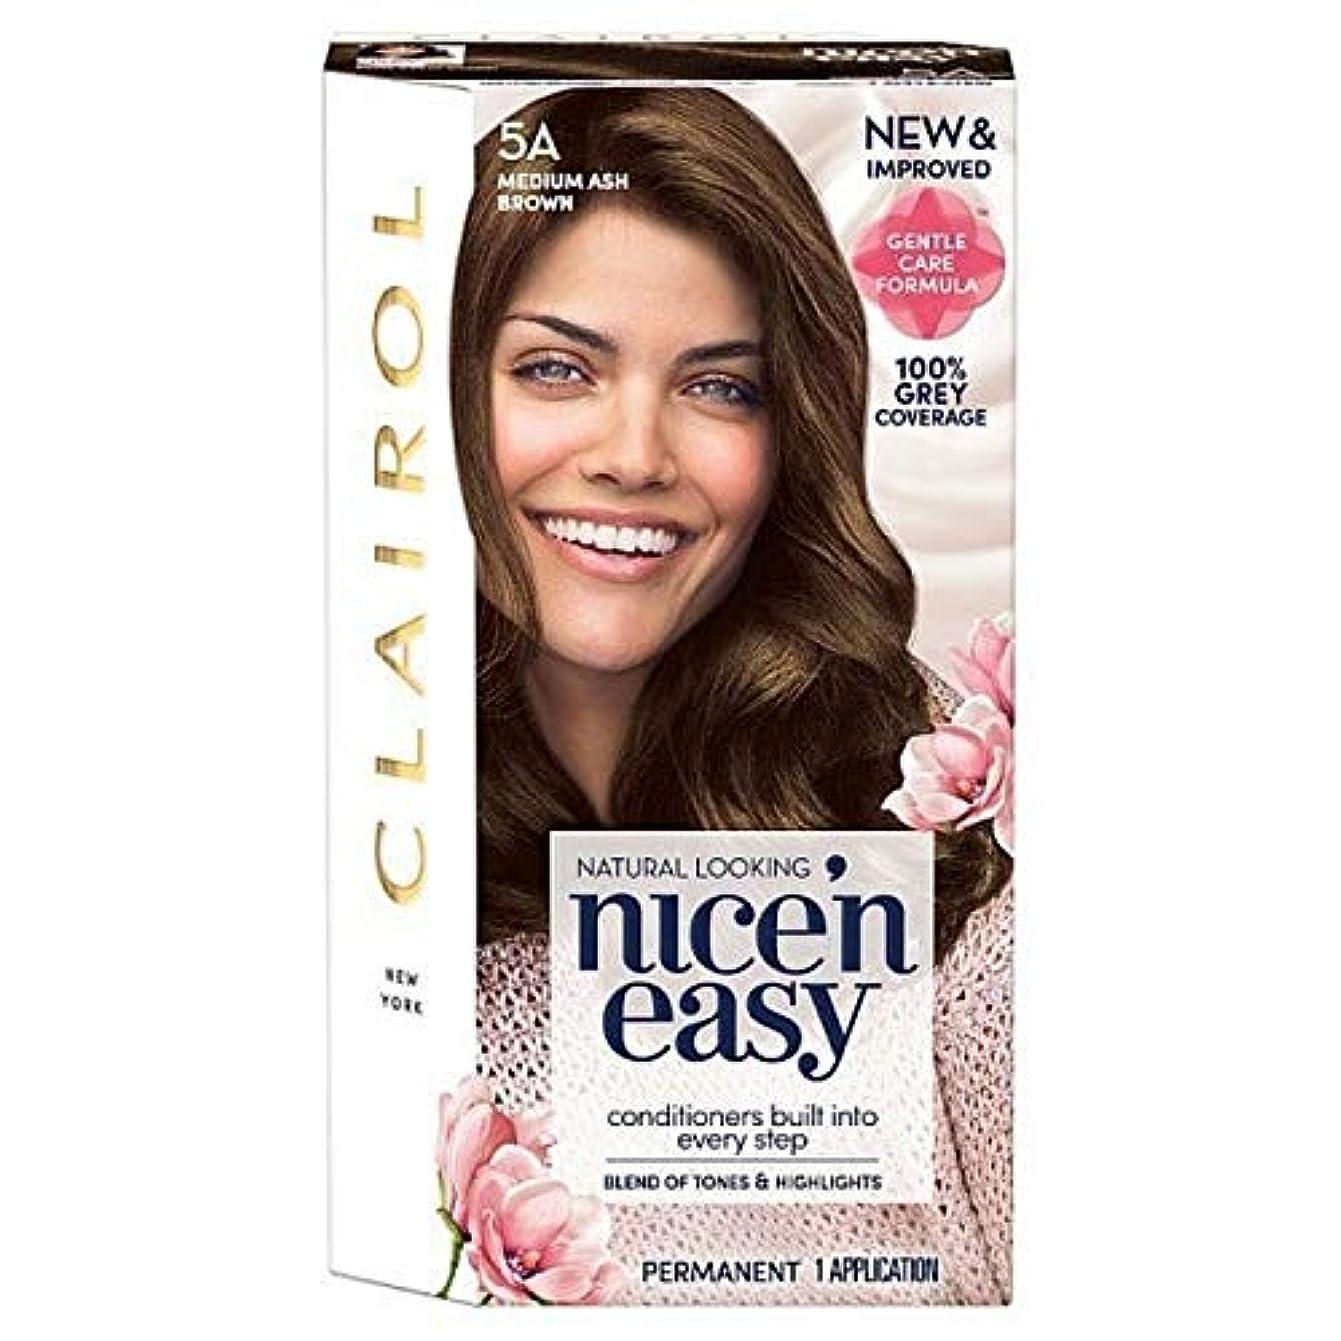 鉛筆ひばり直面する[Nice'n Easy] Nice'N簡単な図5A中アッシュブラウン - Nice'n Easy 5A Medium Ash Brown [並行輸入品]